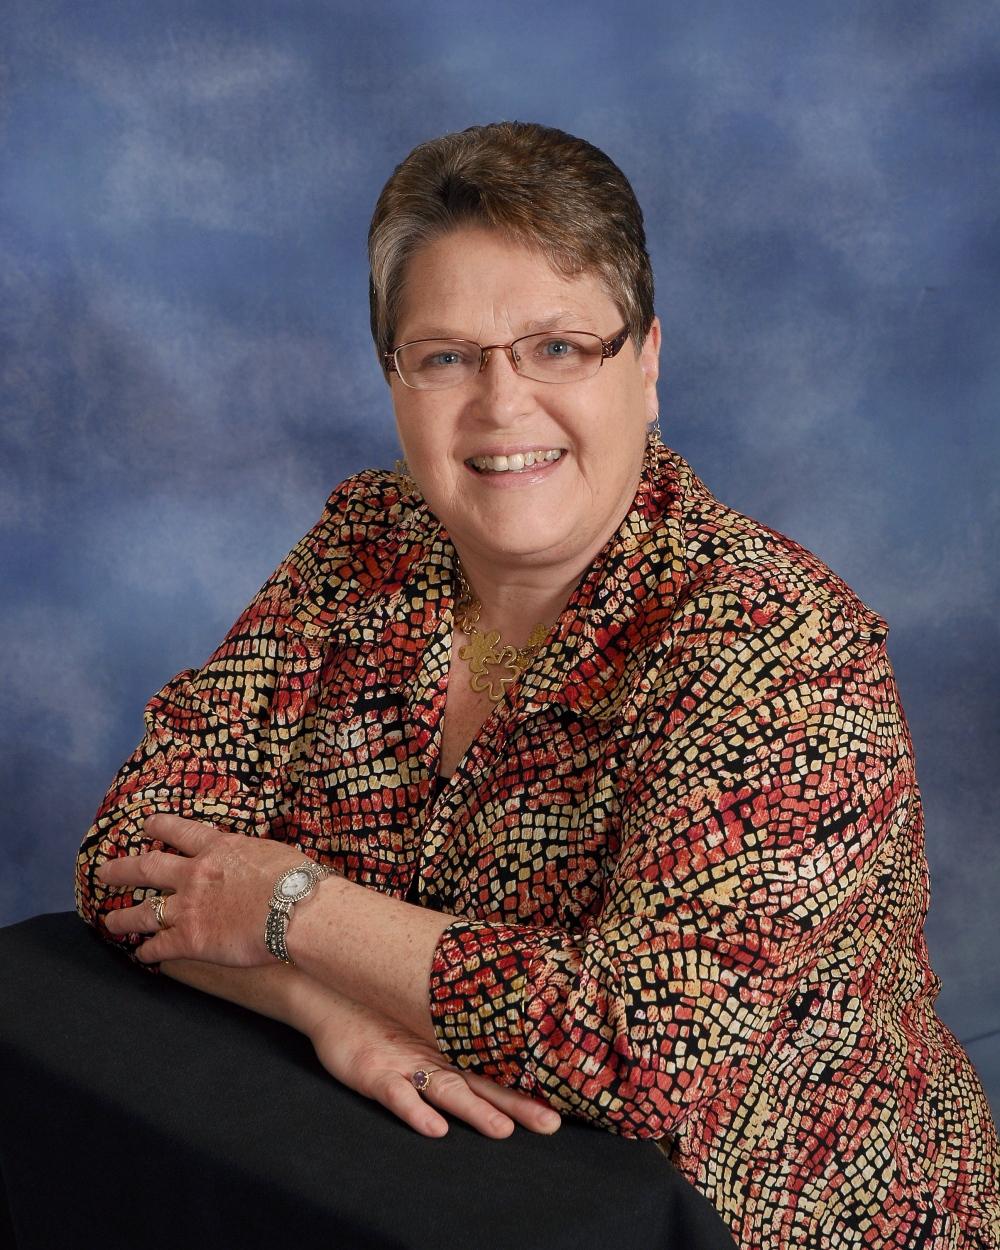 Debbie Gill